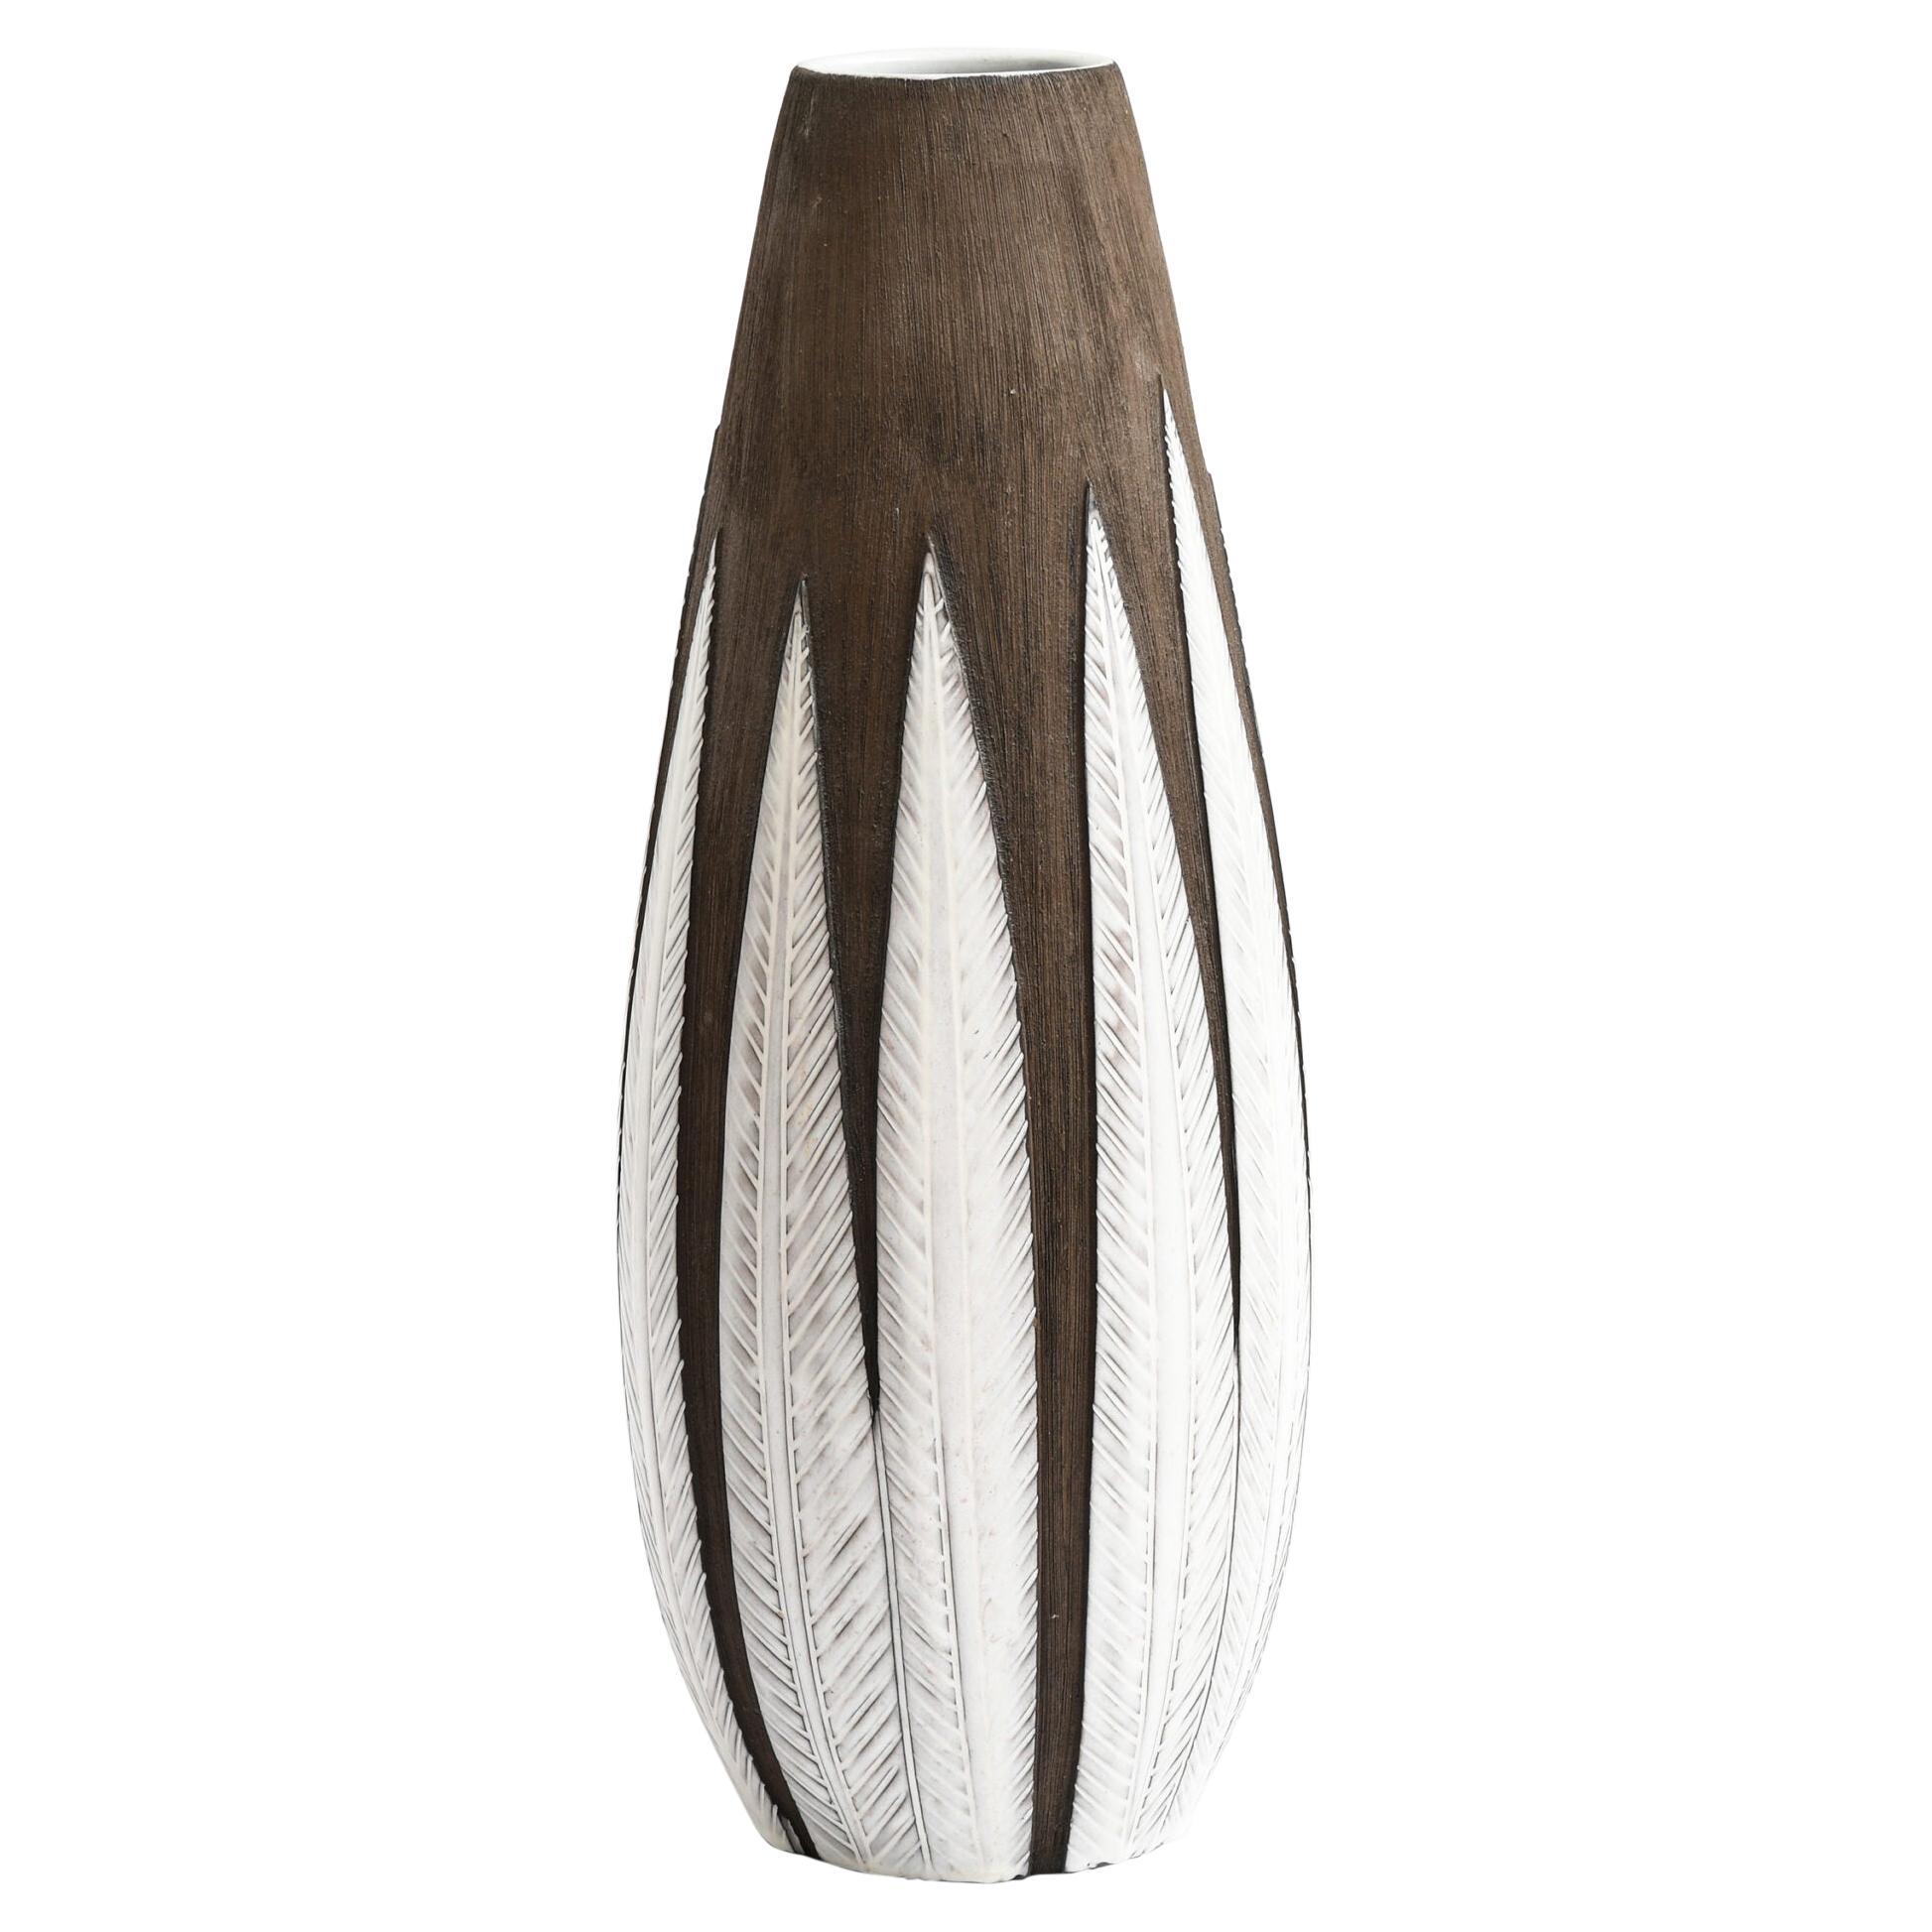 Anna-Lisa Thomson Floor Vase Model Paprika Produced by Upsala Ekeby in Sweden